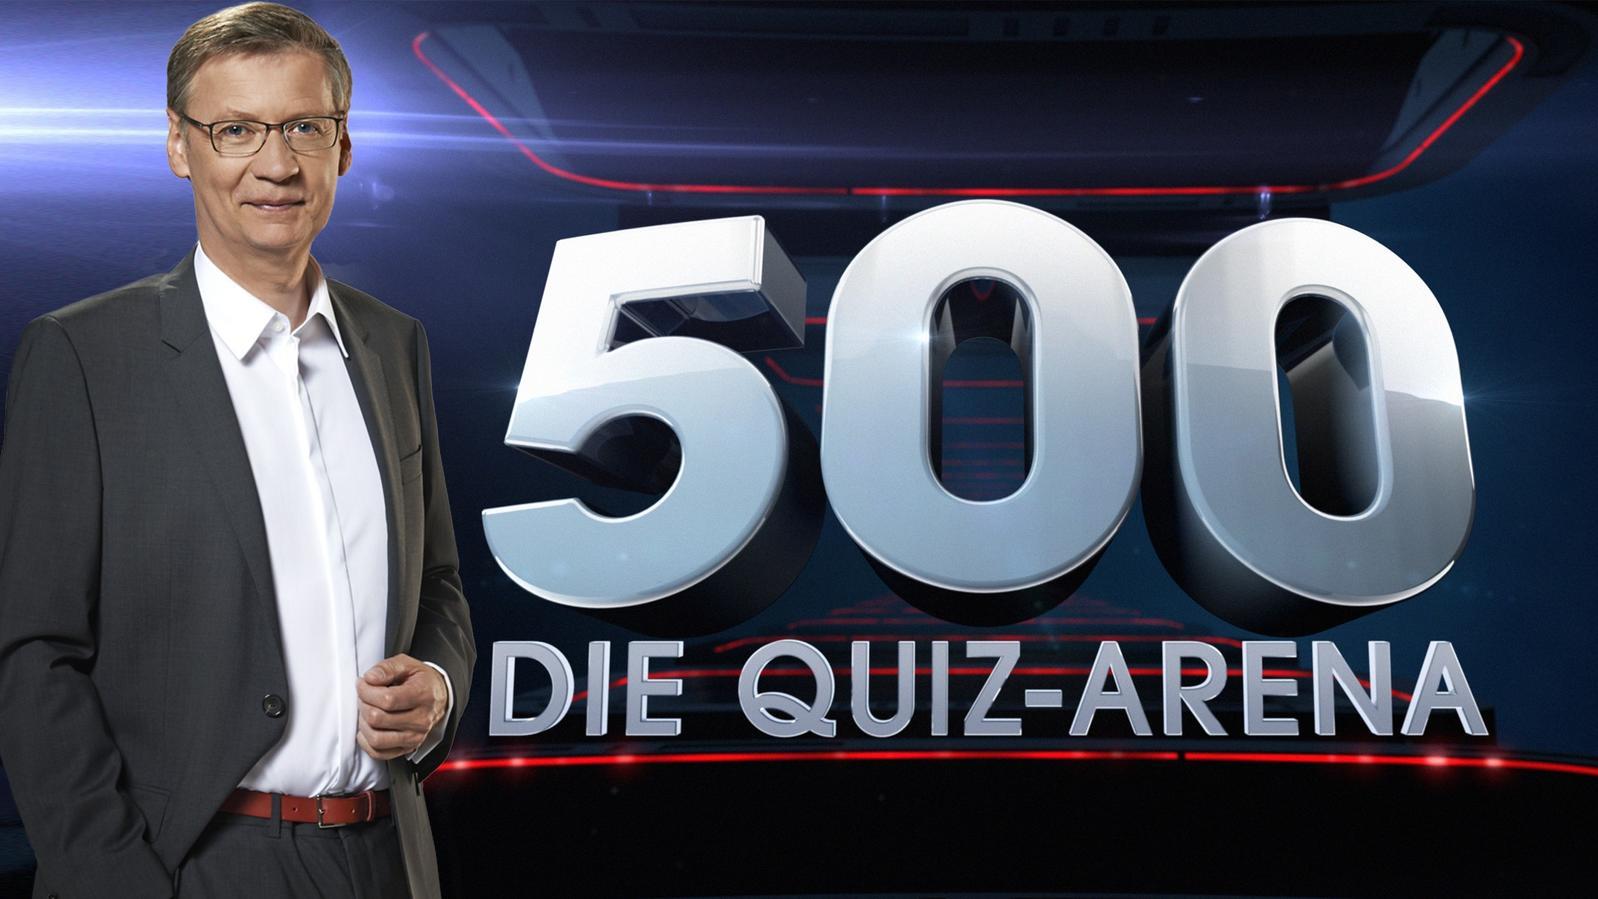 500 die quiz arena mit gnther jauch bewerben sie sich hier fr die zweite staffel - Tine Wittler Bewerbung